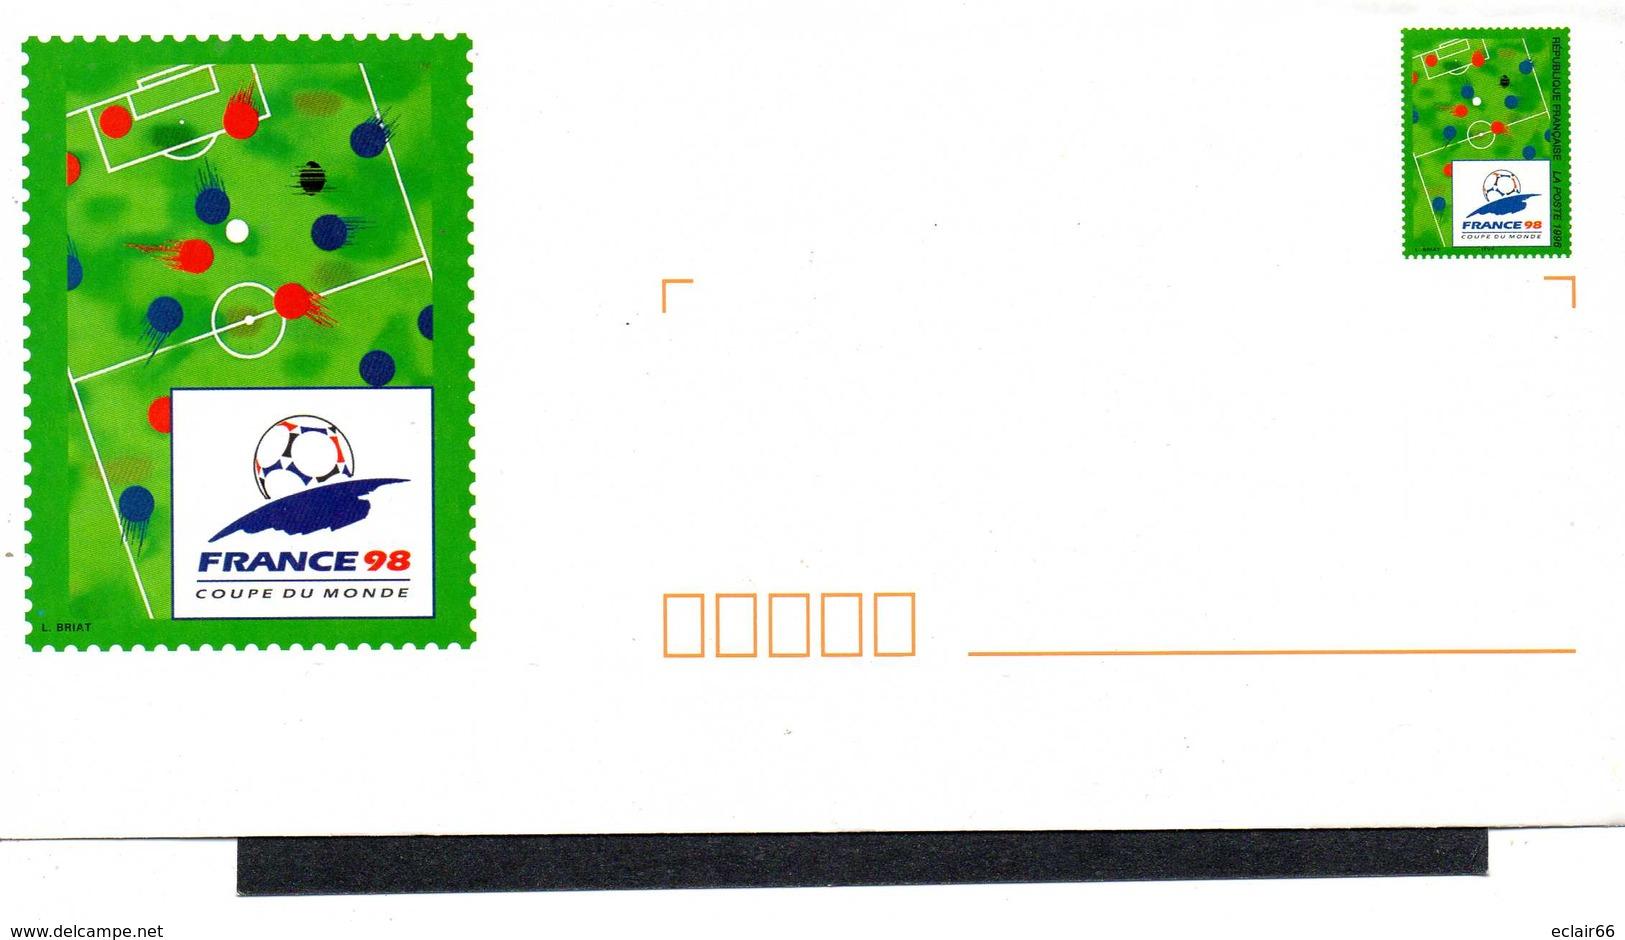 FRANCE 1 Enveloppe PAP Prêt à Poster N°YT 2985-E3 - 1997 -+Papier A Lettre Coupe Du Monde Football France98 - Entiers Postaux